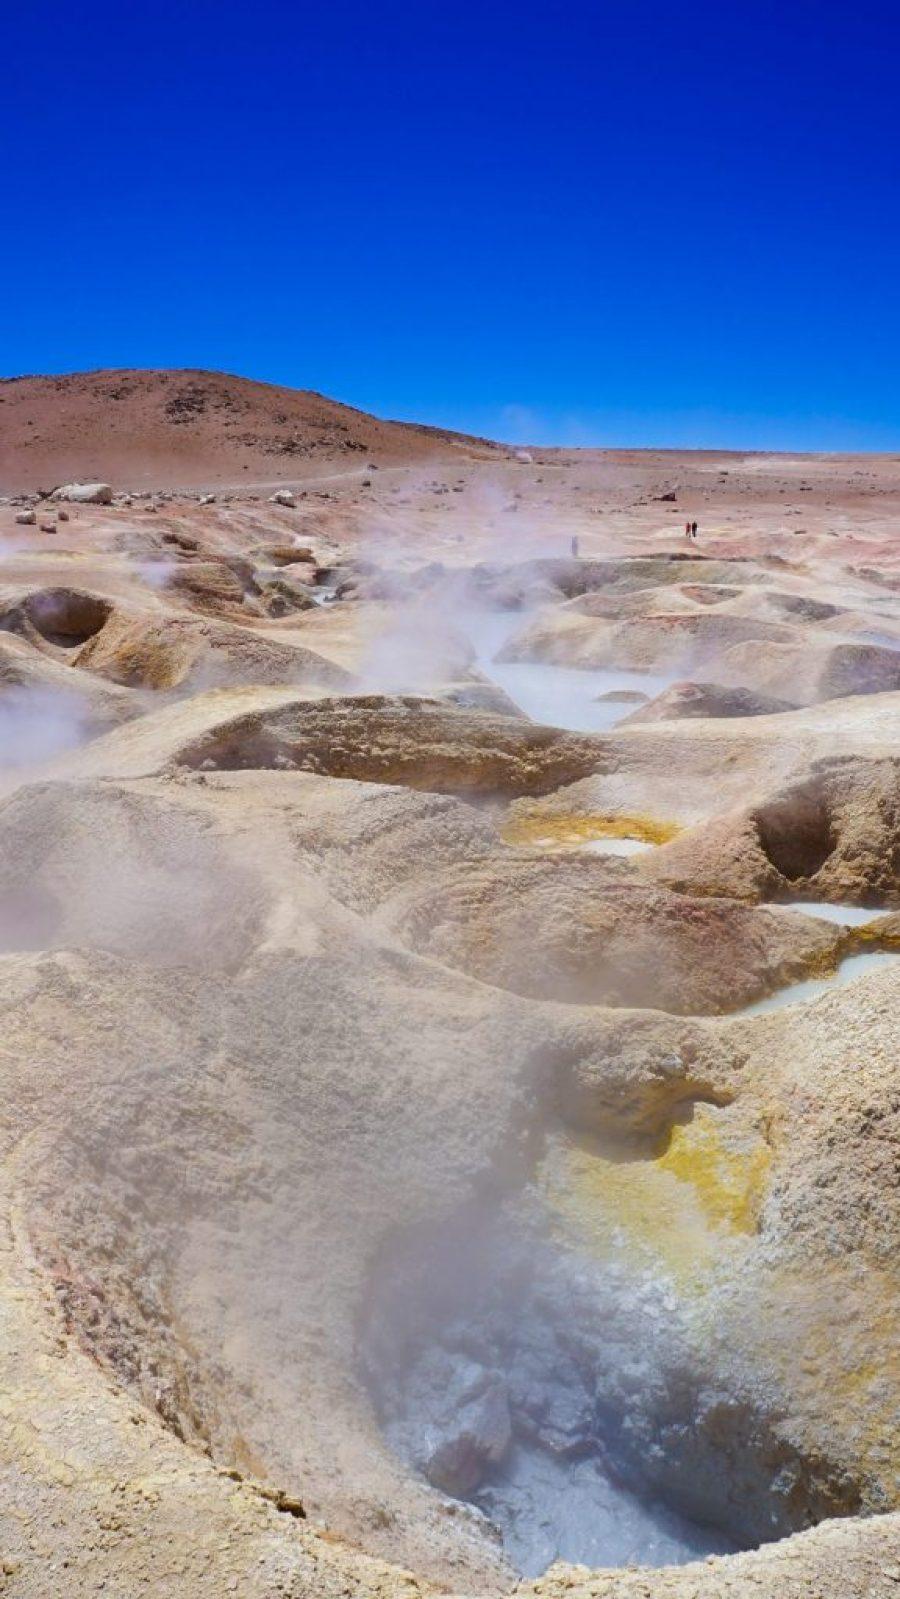 Bolivia Salt Flat Tour to Salar de uyuni.